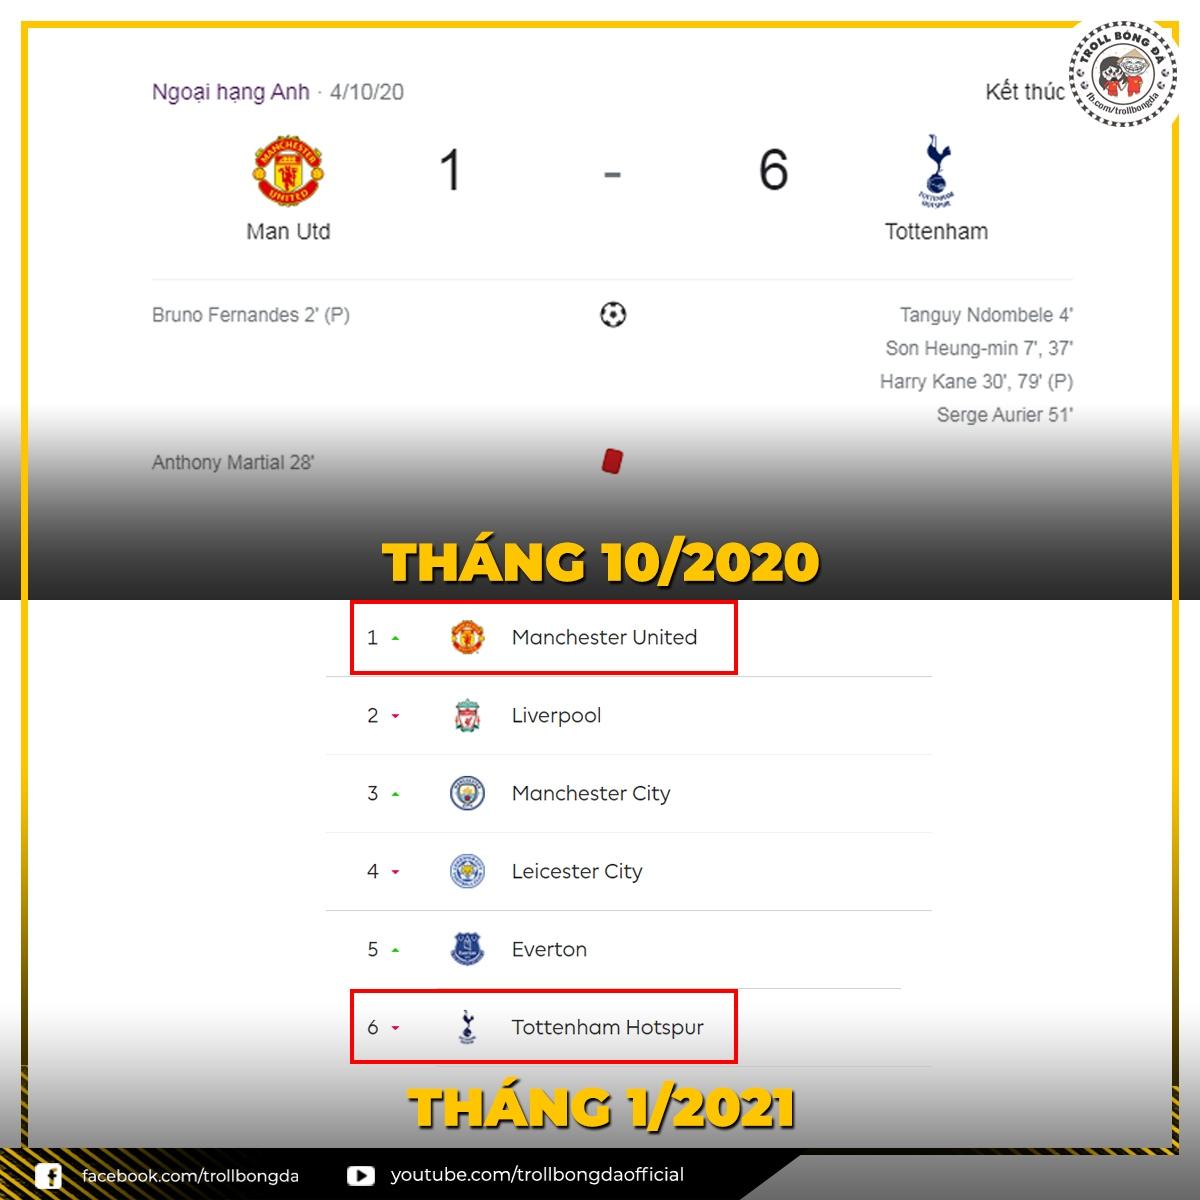 Tottenham, MU và những con số 1, 6 đầy ám ảnh. (Ảnh: Troll bóng đá).